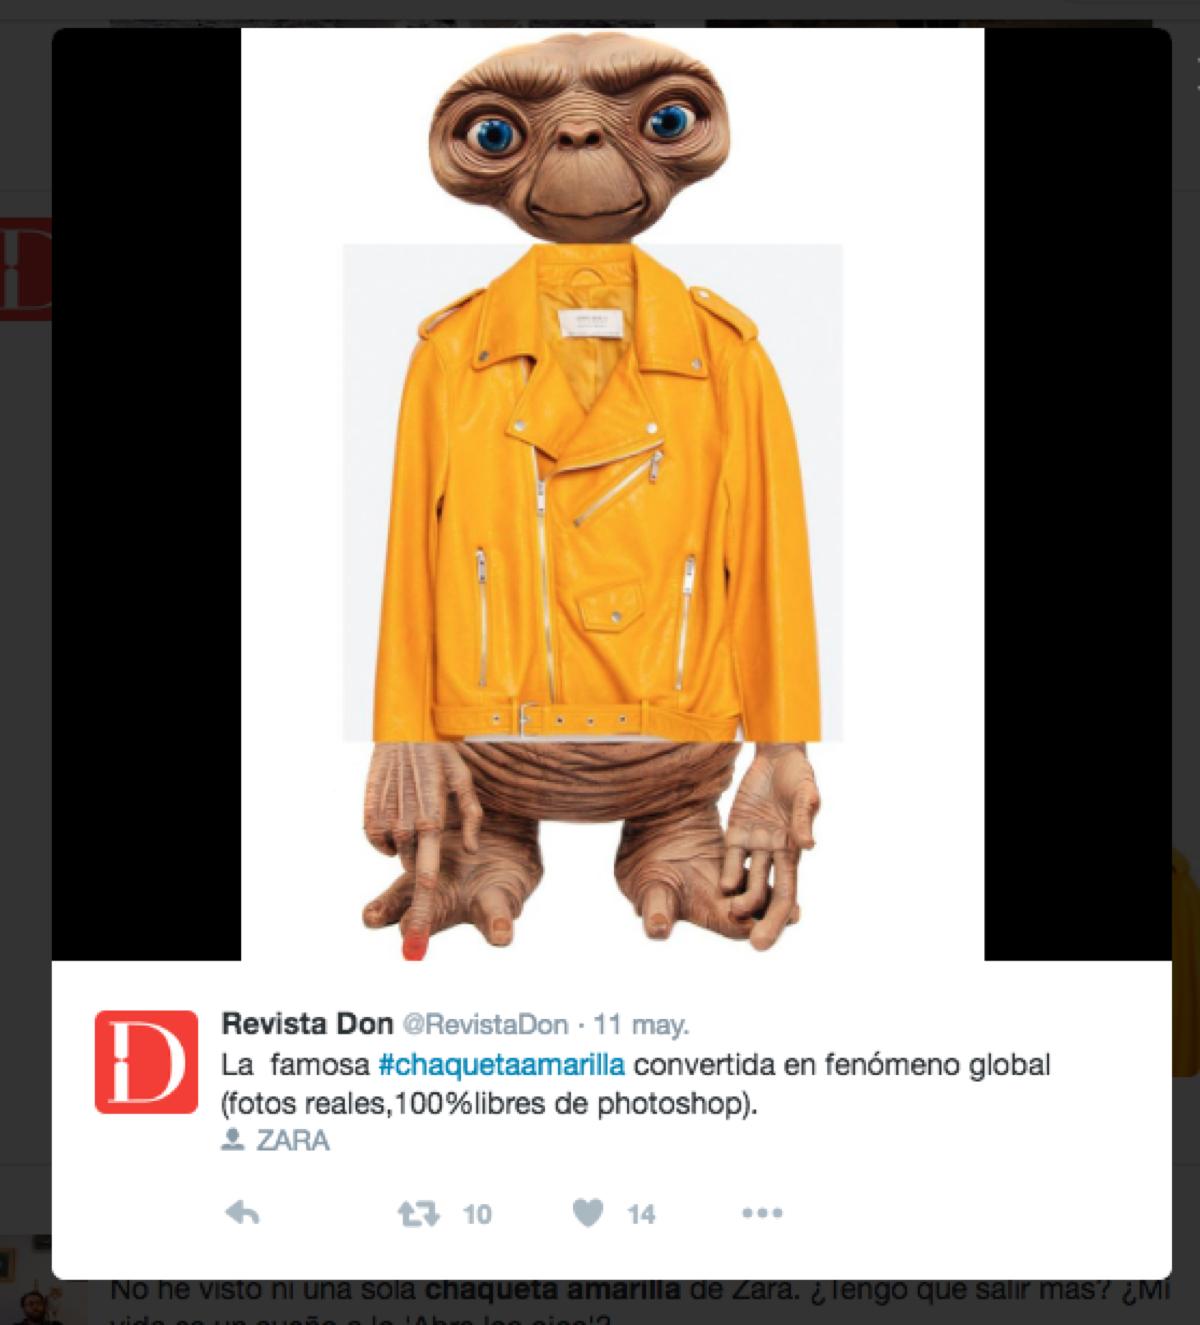 chaqueta amarilla zara meme